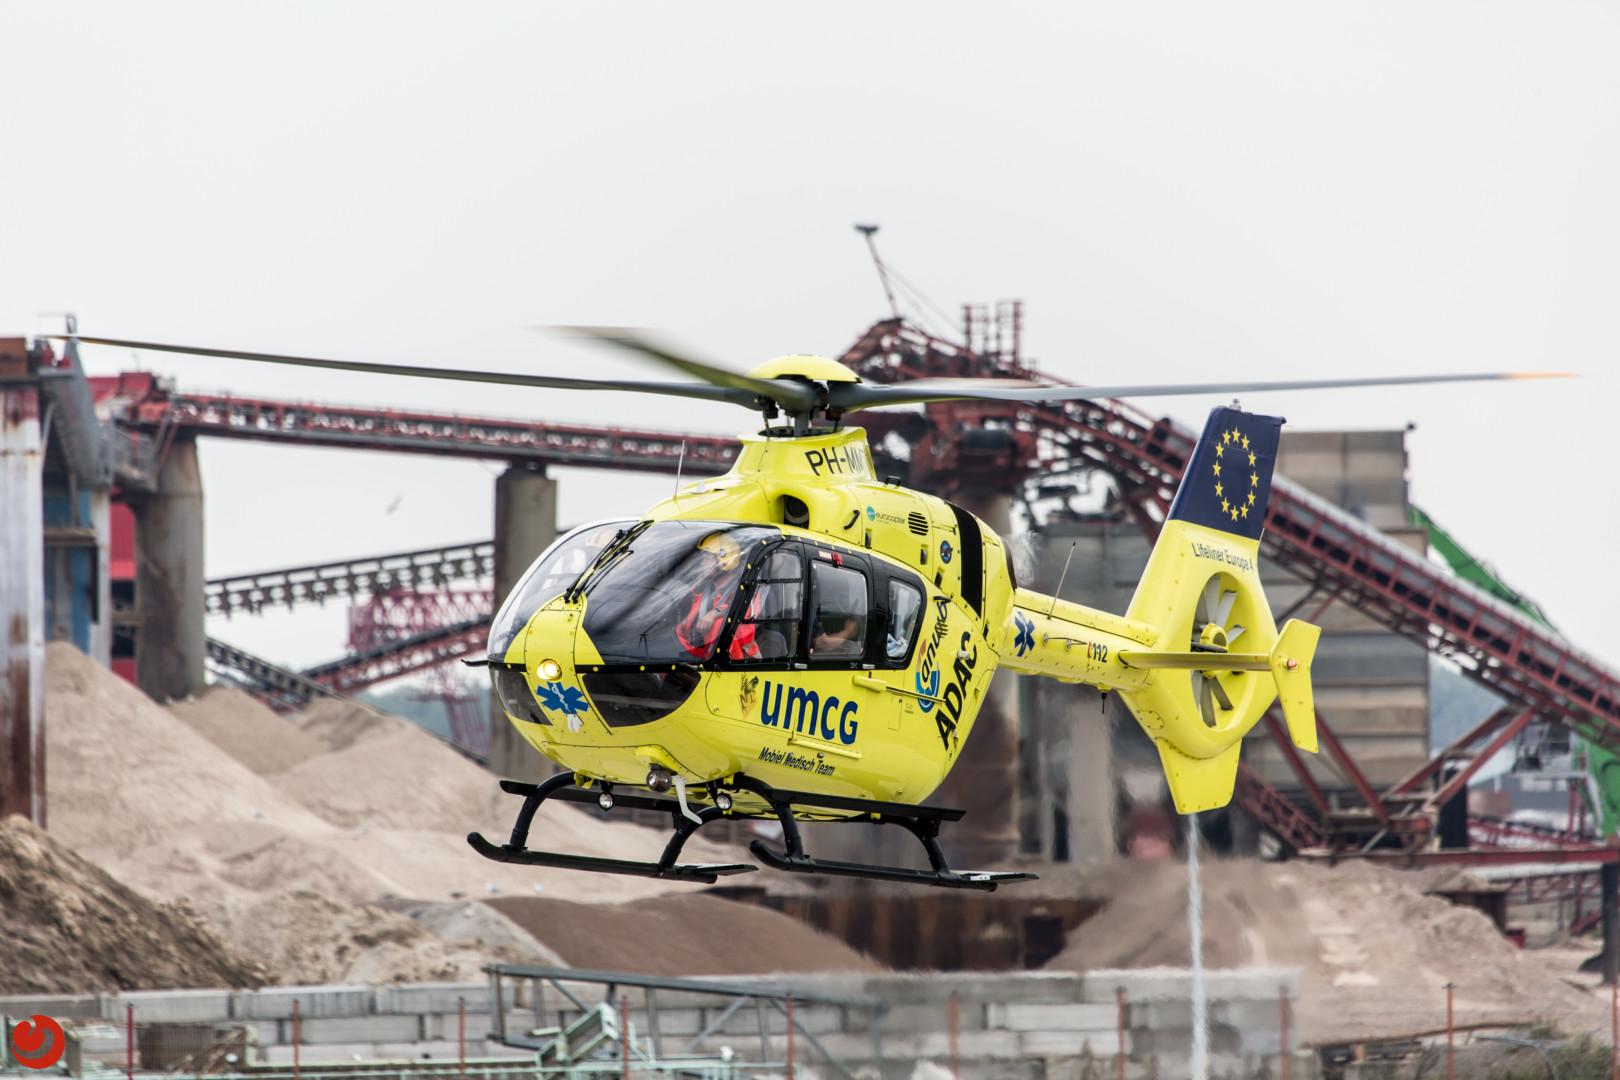 Traumahelikopter ingezet bij bedrijfsongeval